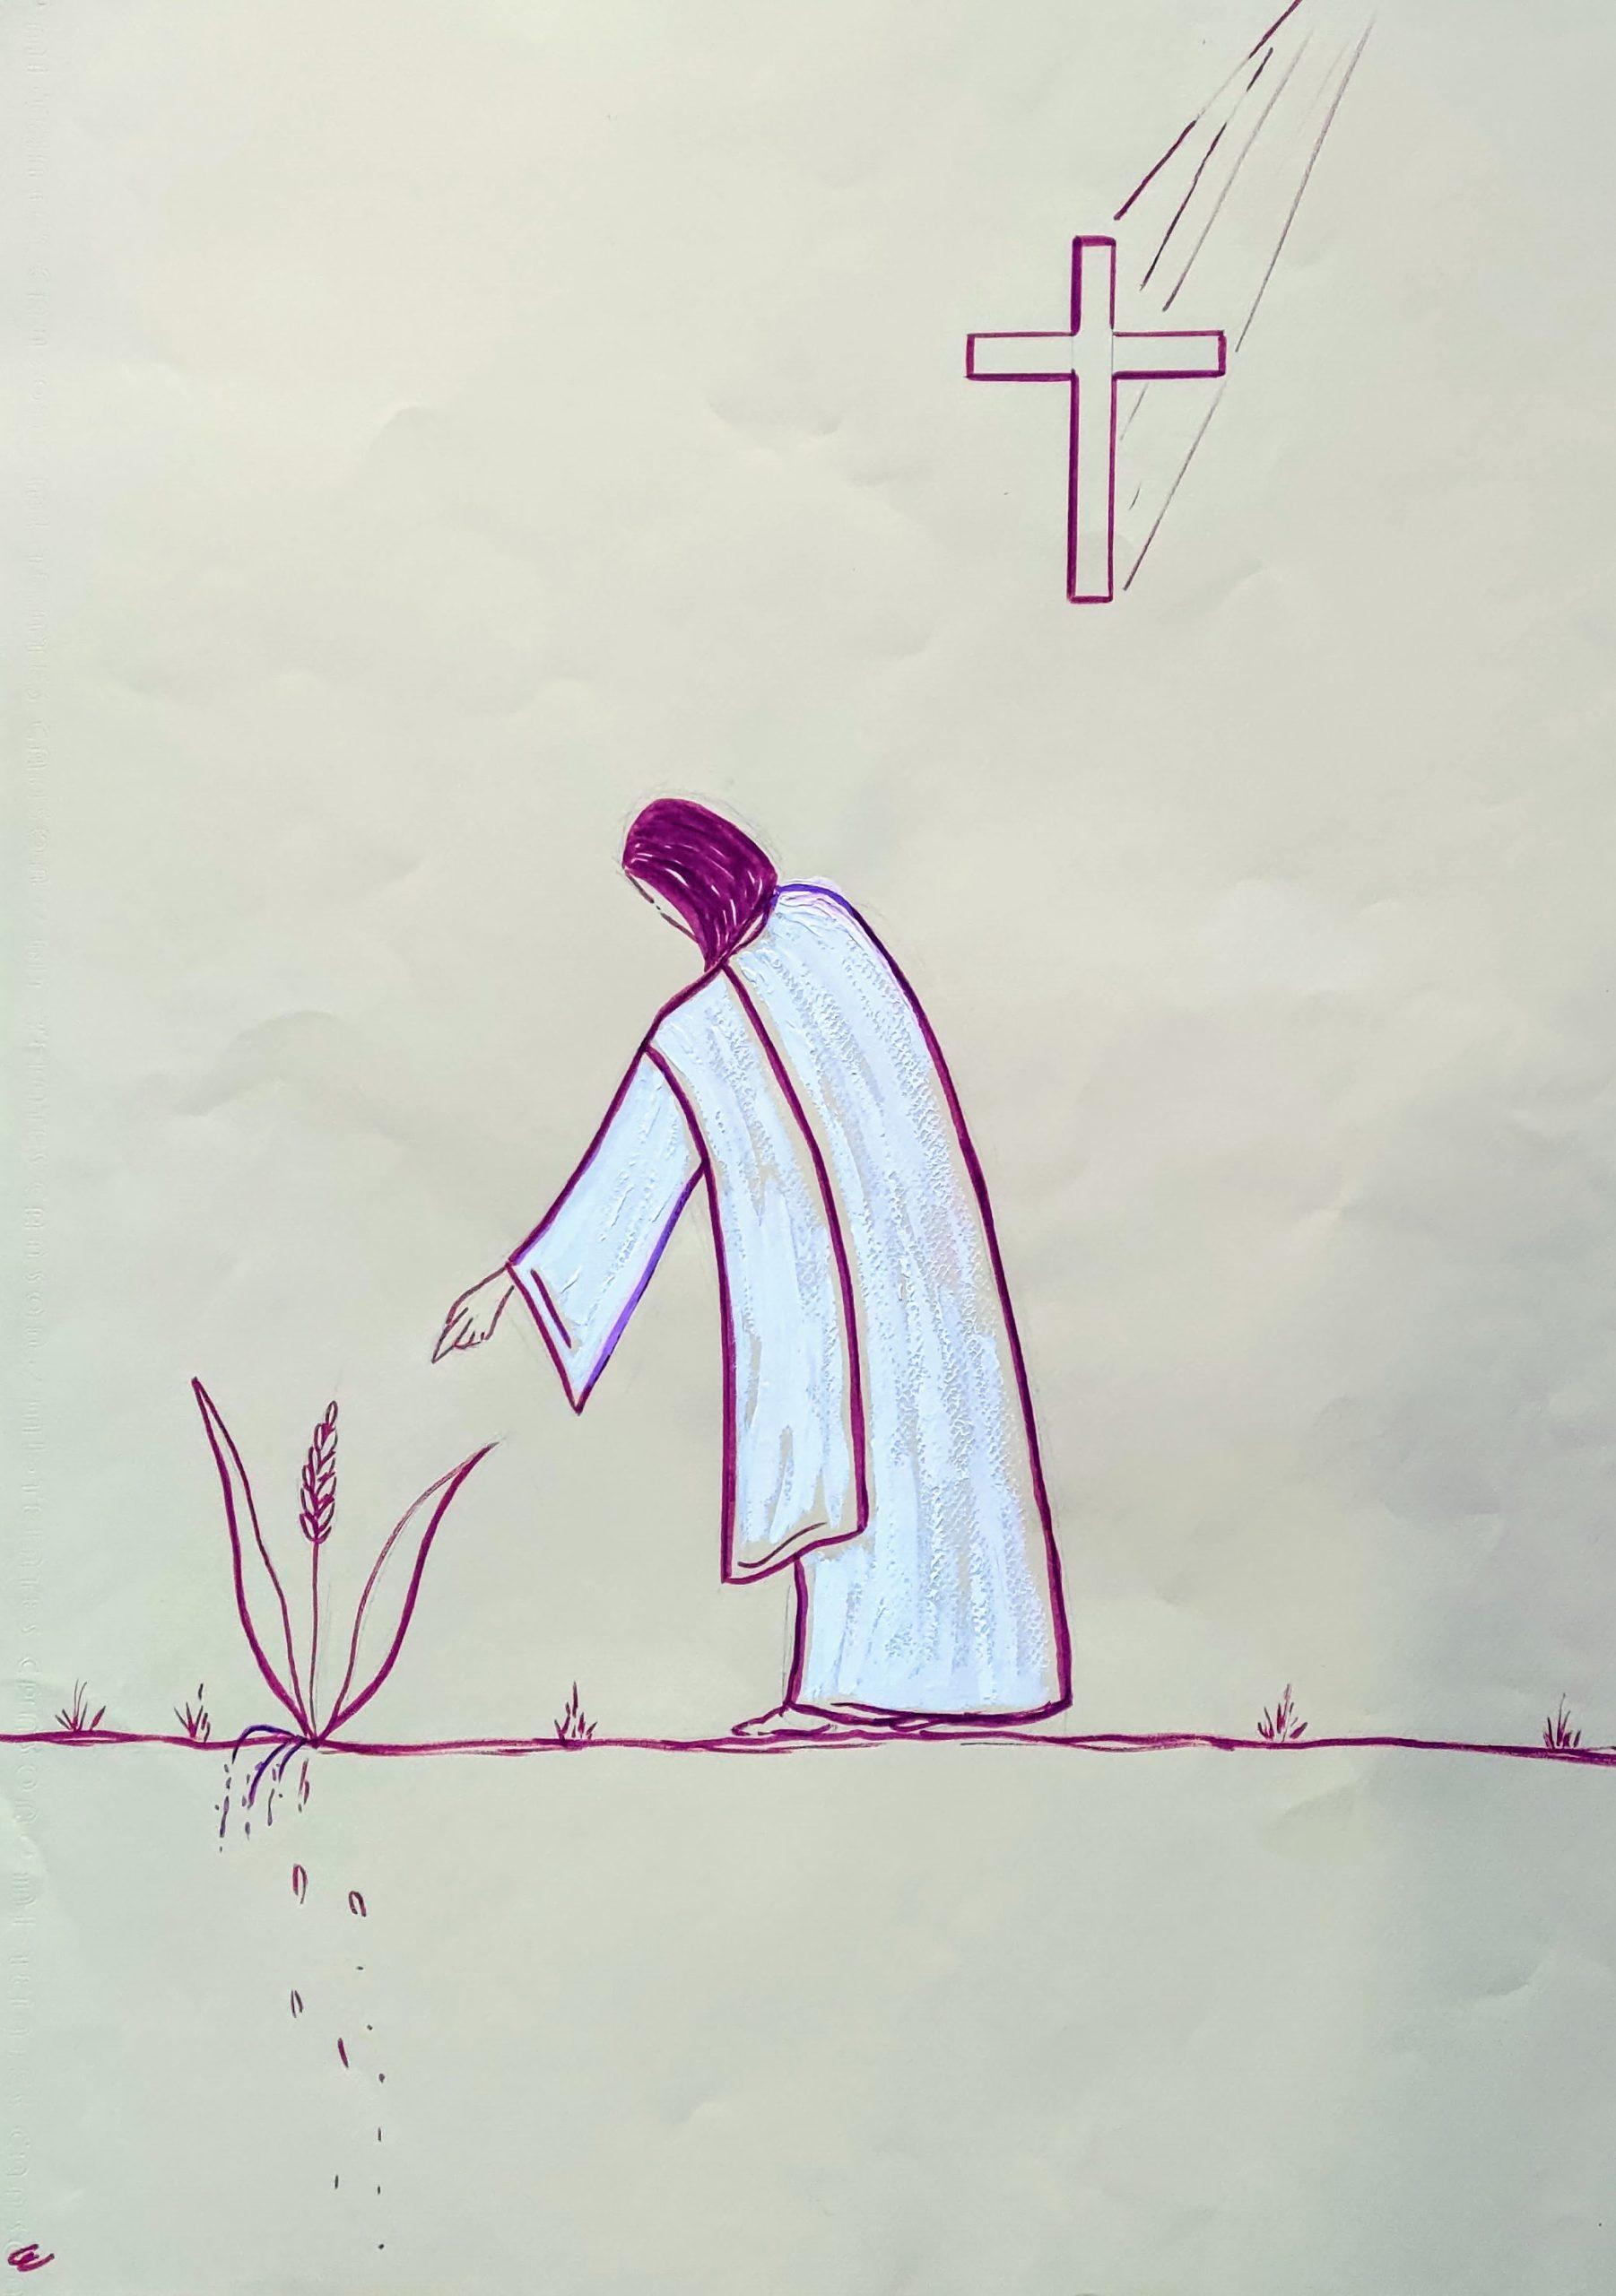 Dimanche 21 mars – 5ème dimanche du Carême : homélie du Père Jérôme Thuault, curé